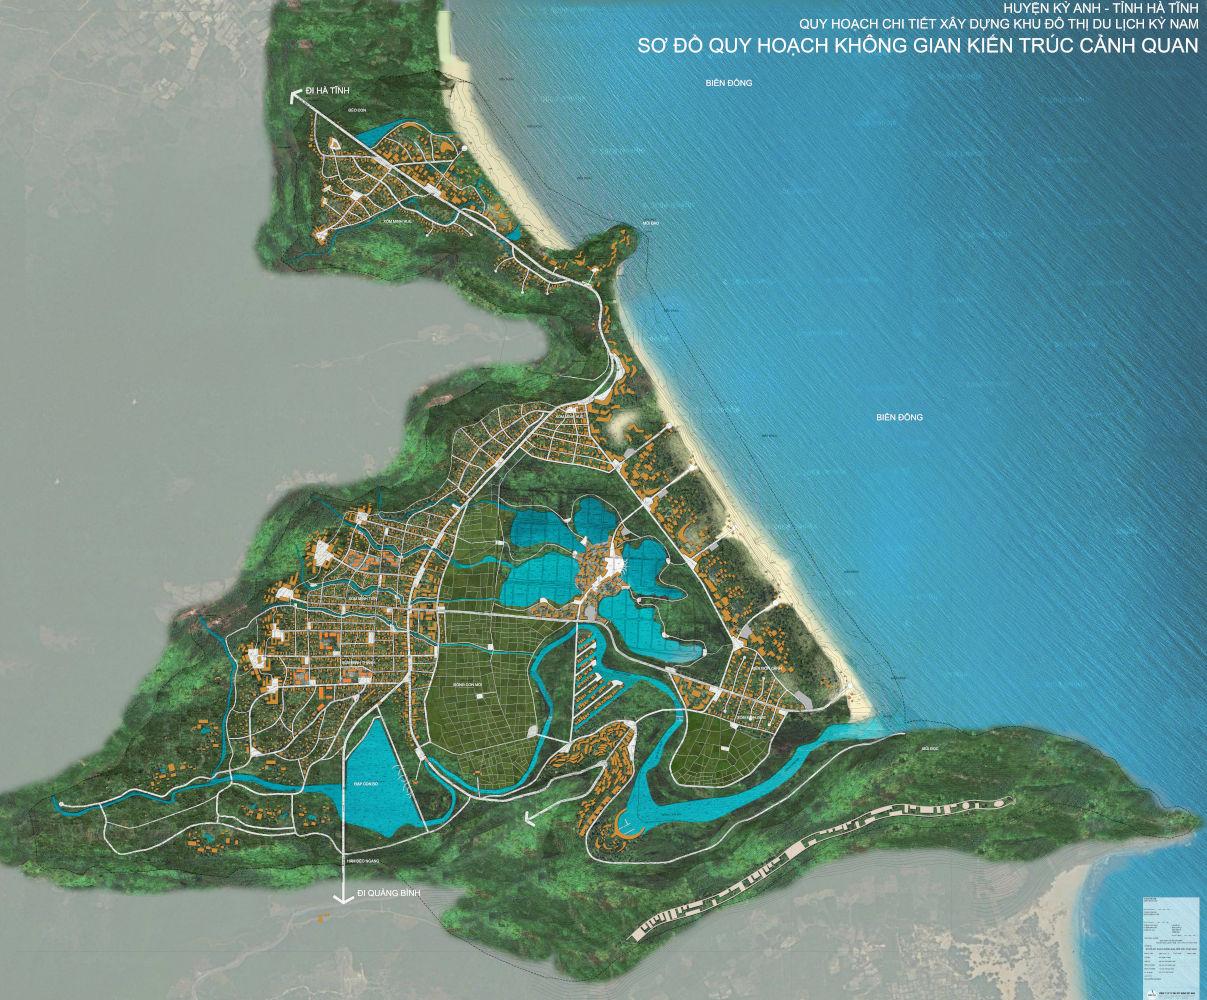 VNT xin làm dự án khu đô thị du lịch 4.000 tỷ đồng tại Hà Tĩnh